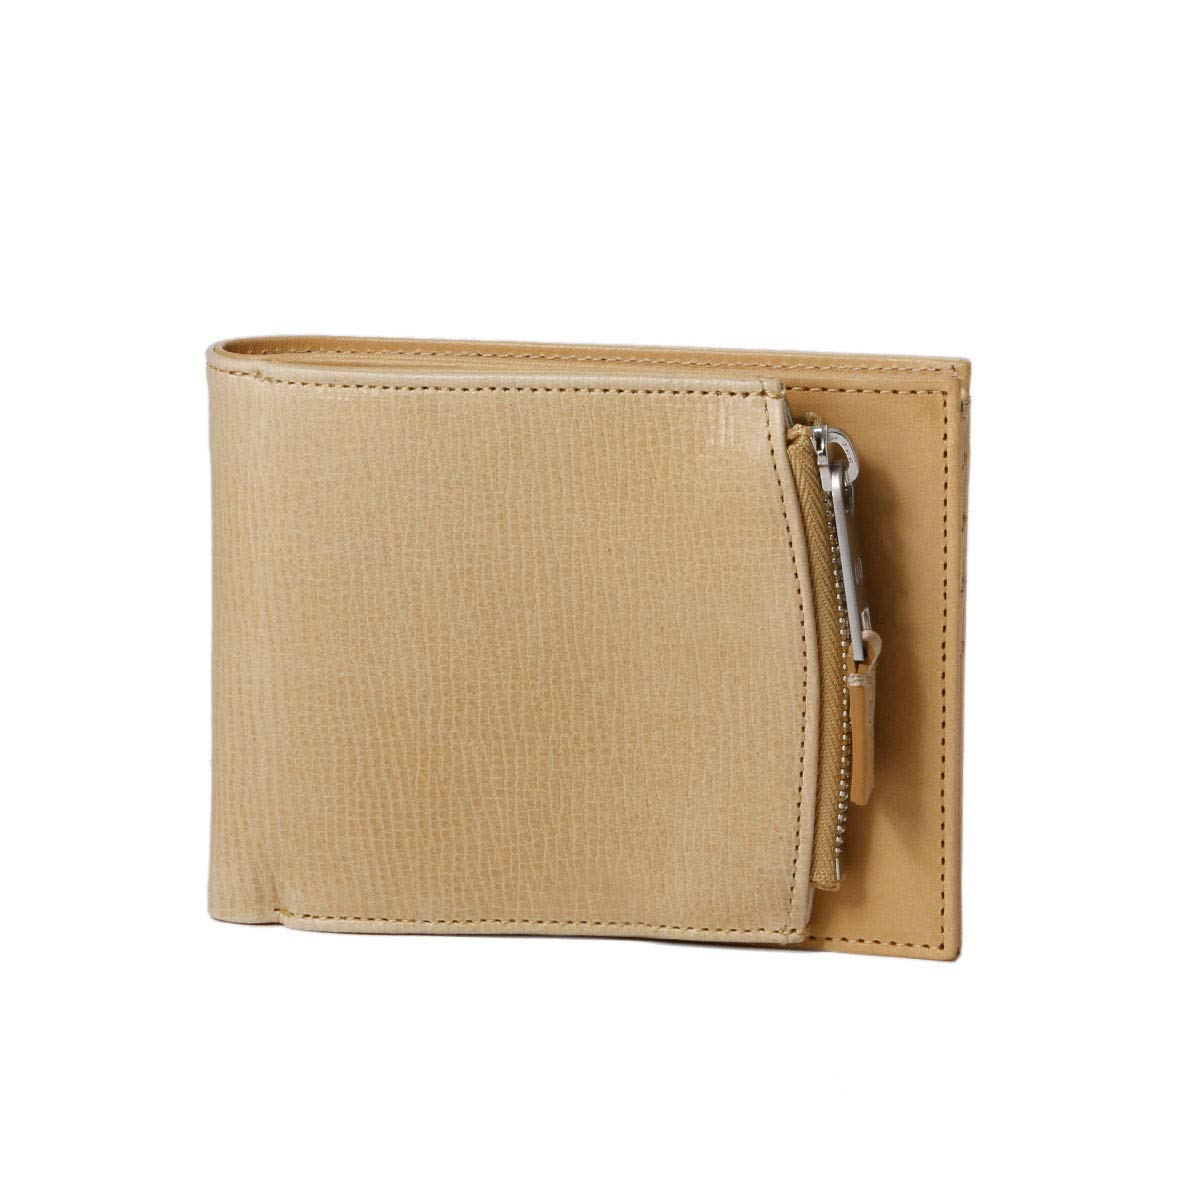 (マルタン マルジェラ) MARTIN MARGIELA ライン11 二つ折り財布 ベージュ S35UI0436 P2392 T4091 [並行輸入品] B07SPJ86P8